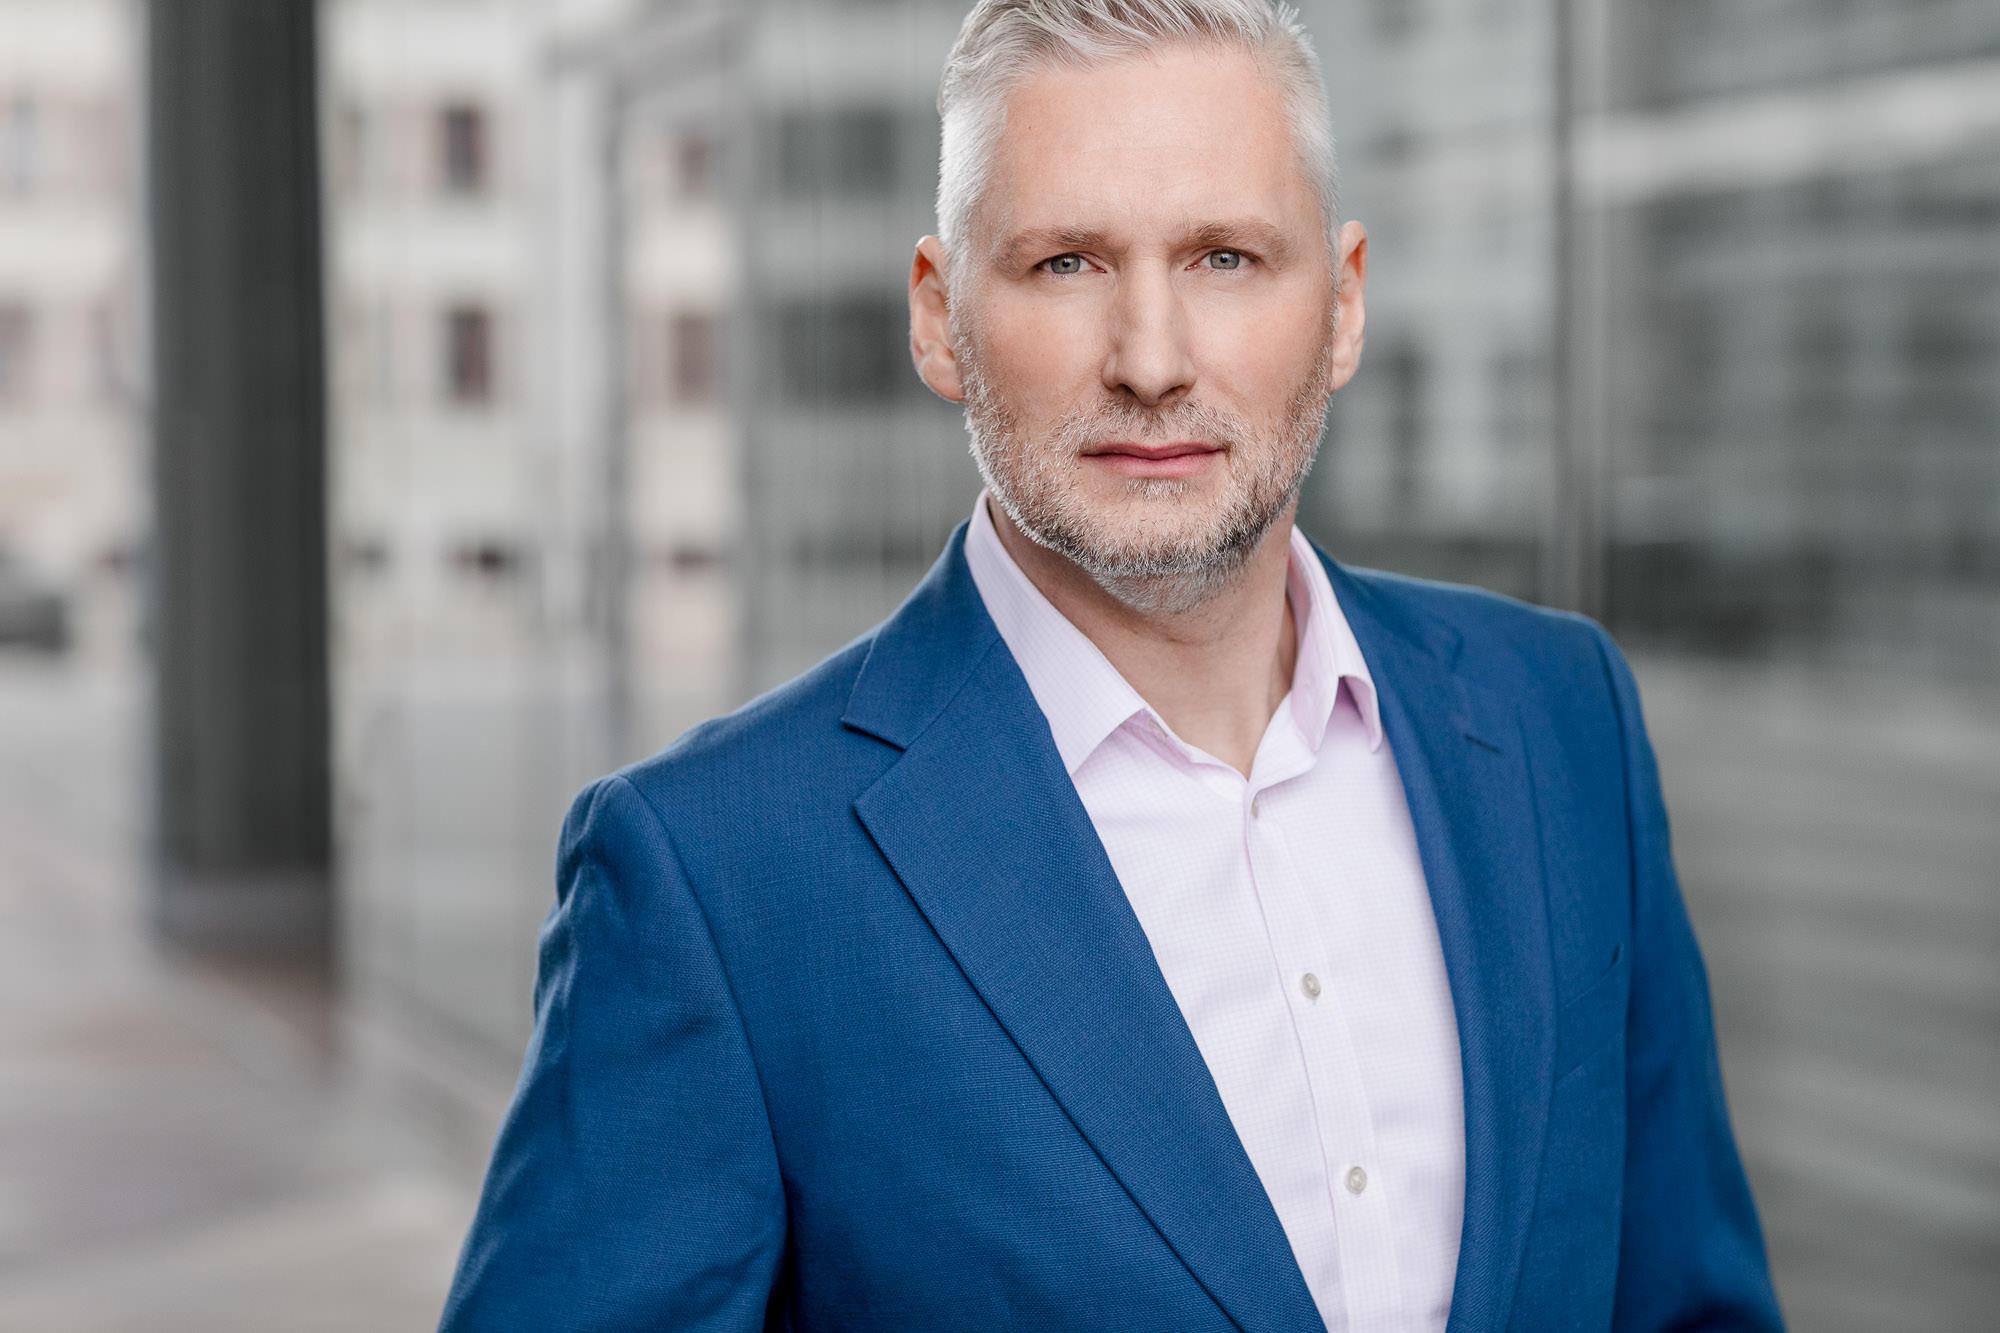 Dieses Bewerbungsfoto wurde im Januar 2018 von Tom und Lia Fotografie an der Deutschen Med in Rostock aufgenommen.